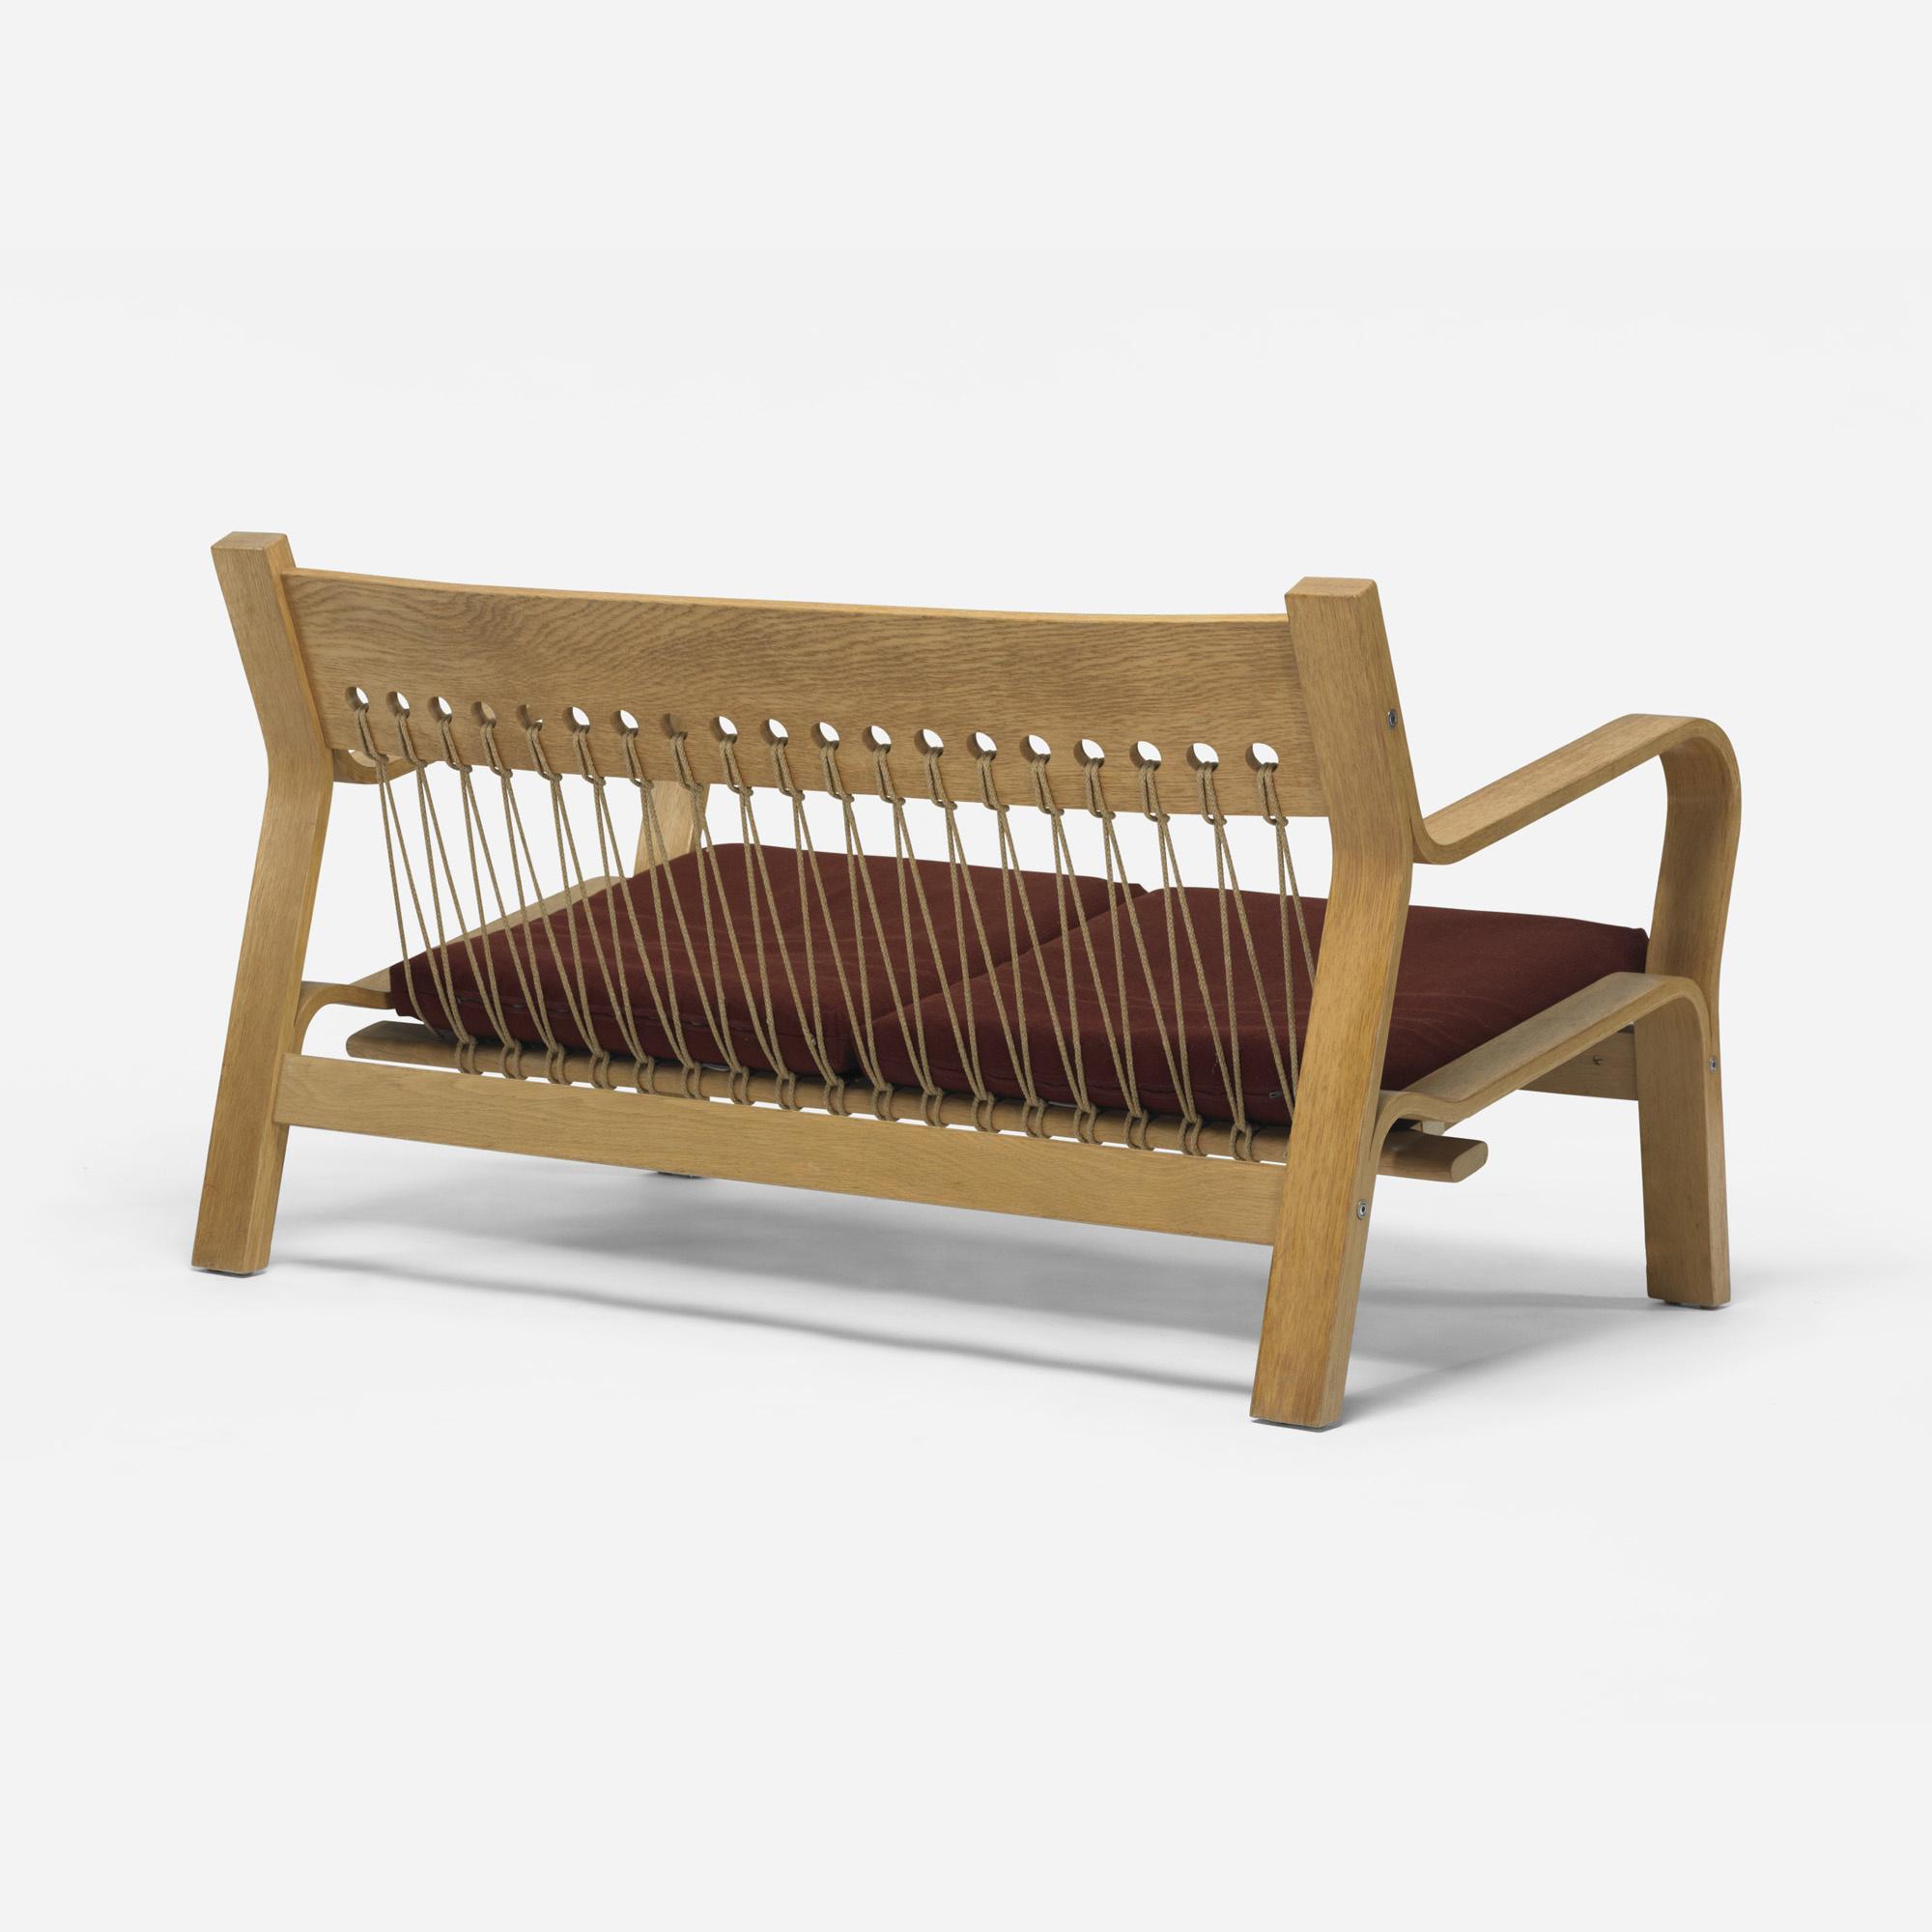 593 Hans J Wegner sofa model GE 671 Mass Modern 14 July